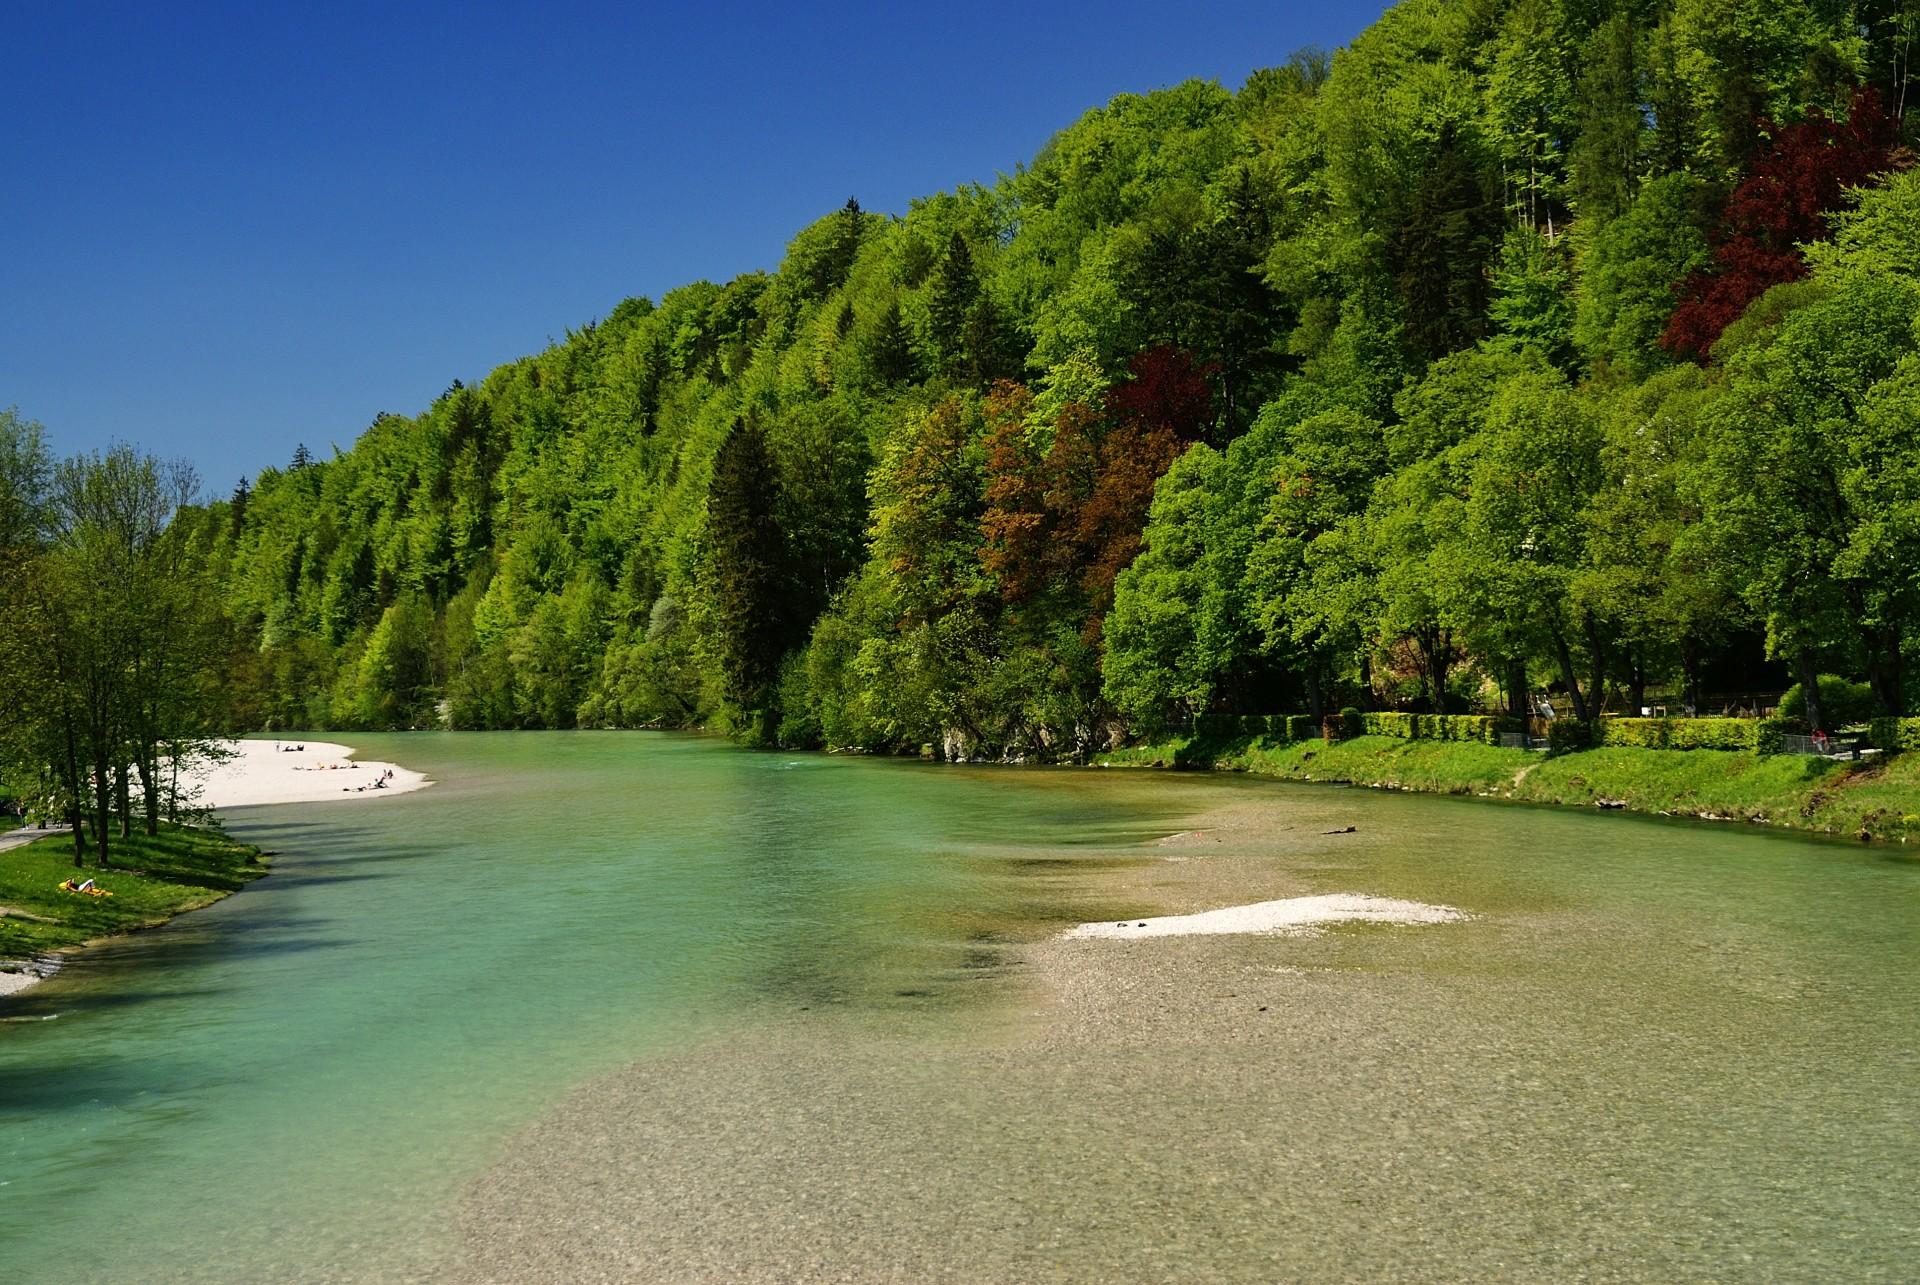 Isar in Bad Tölz